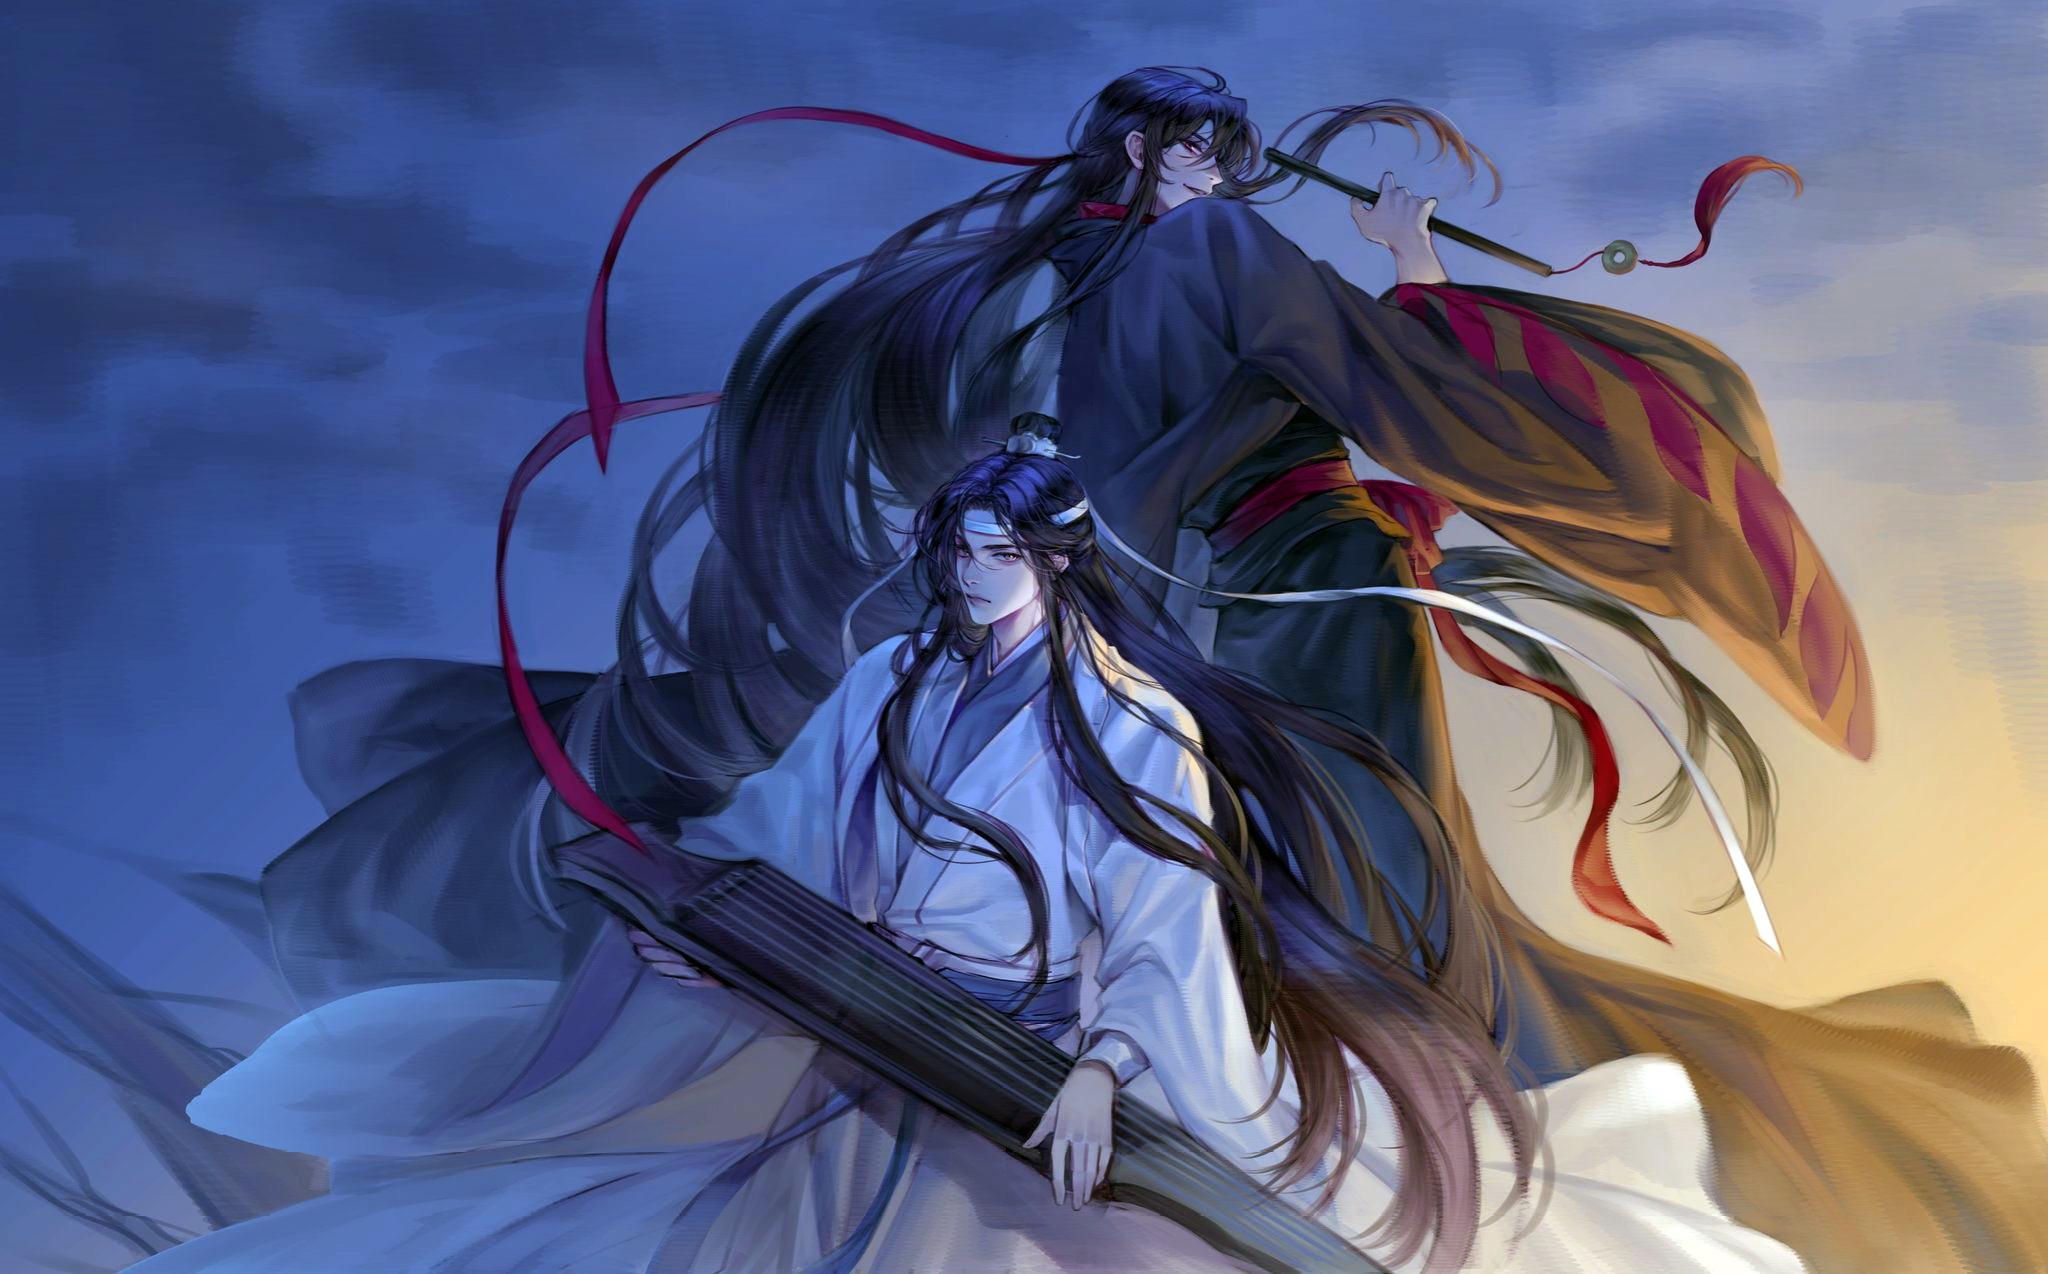 Mo Dao Zu Shi HD Wallpaper | Background Image | 2048x1274 ...